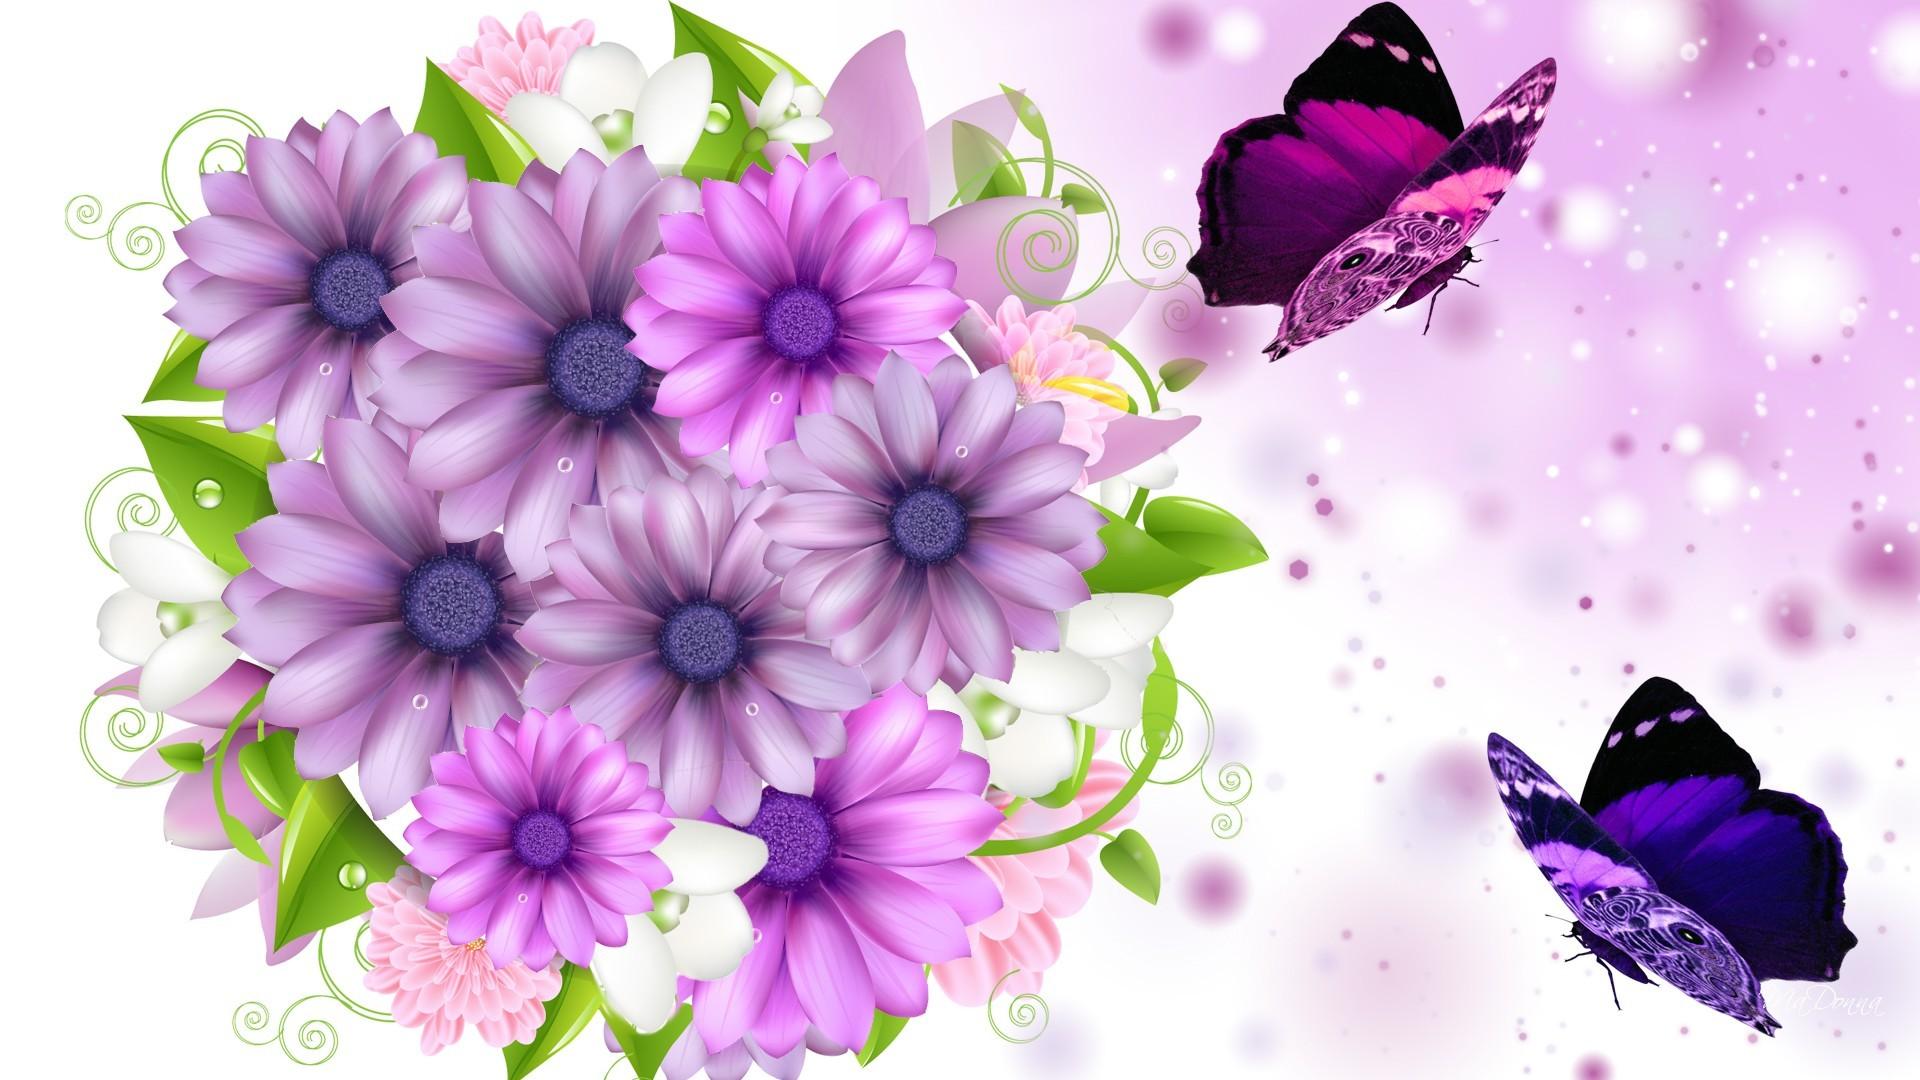 Free As Butterflies HD desktop wallpaper : Widescreen : High Definition :  Fullscreen